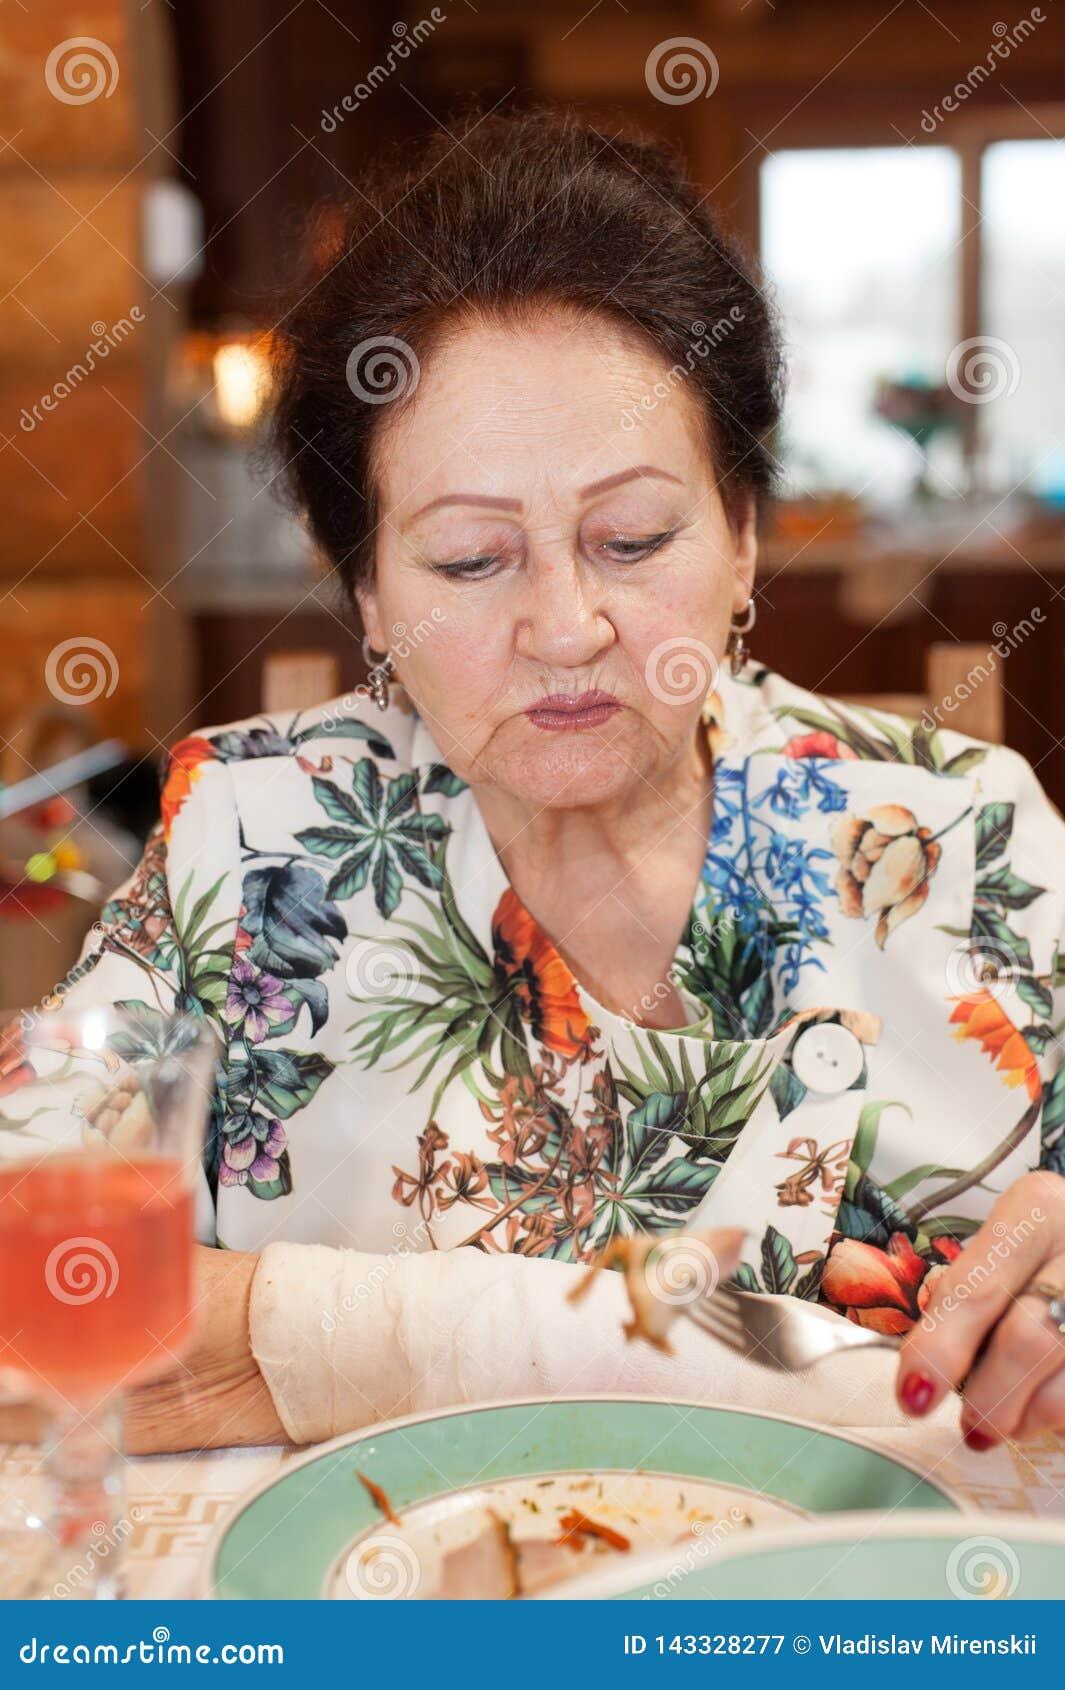 Porträt einer eleganten älteren Dame mit einer verbundenen Hand